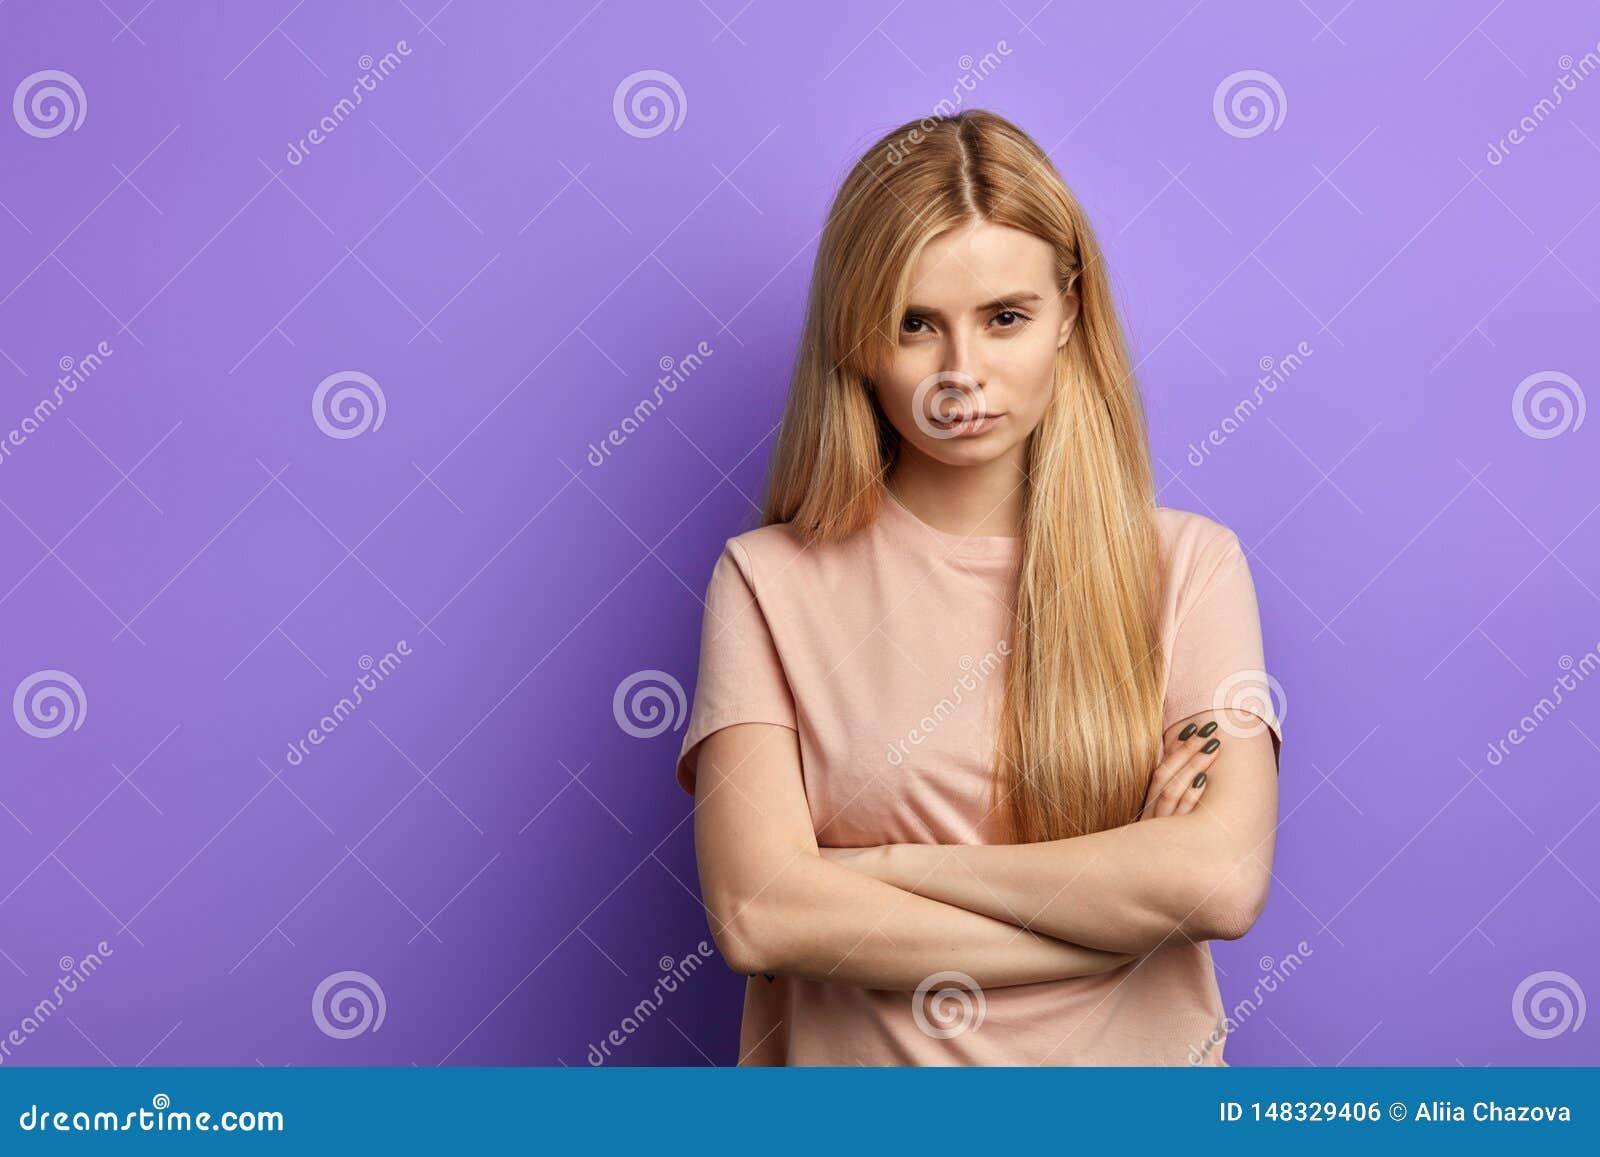 Gniewna gderliwa blondynki m?oda kobieta utrzymuje r?ki sk?ada? w be?owej koszulce